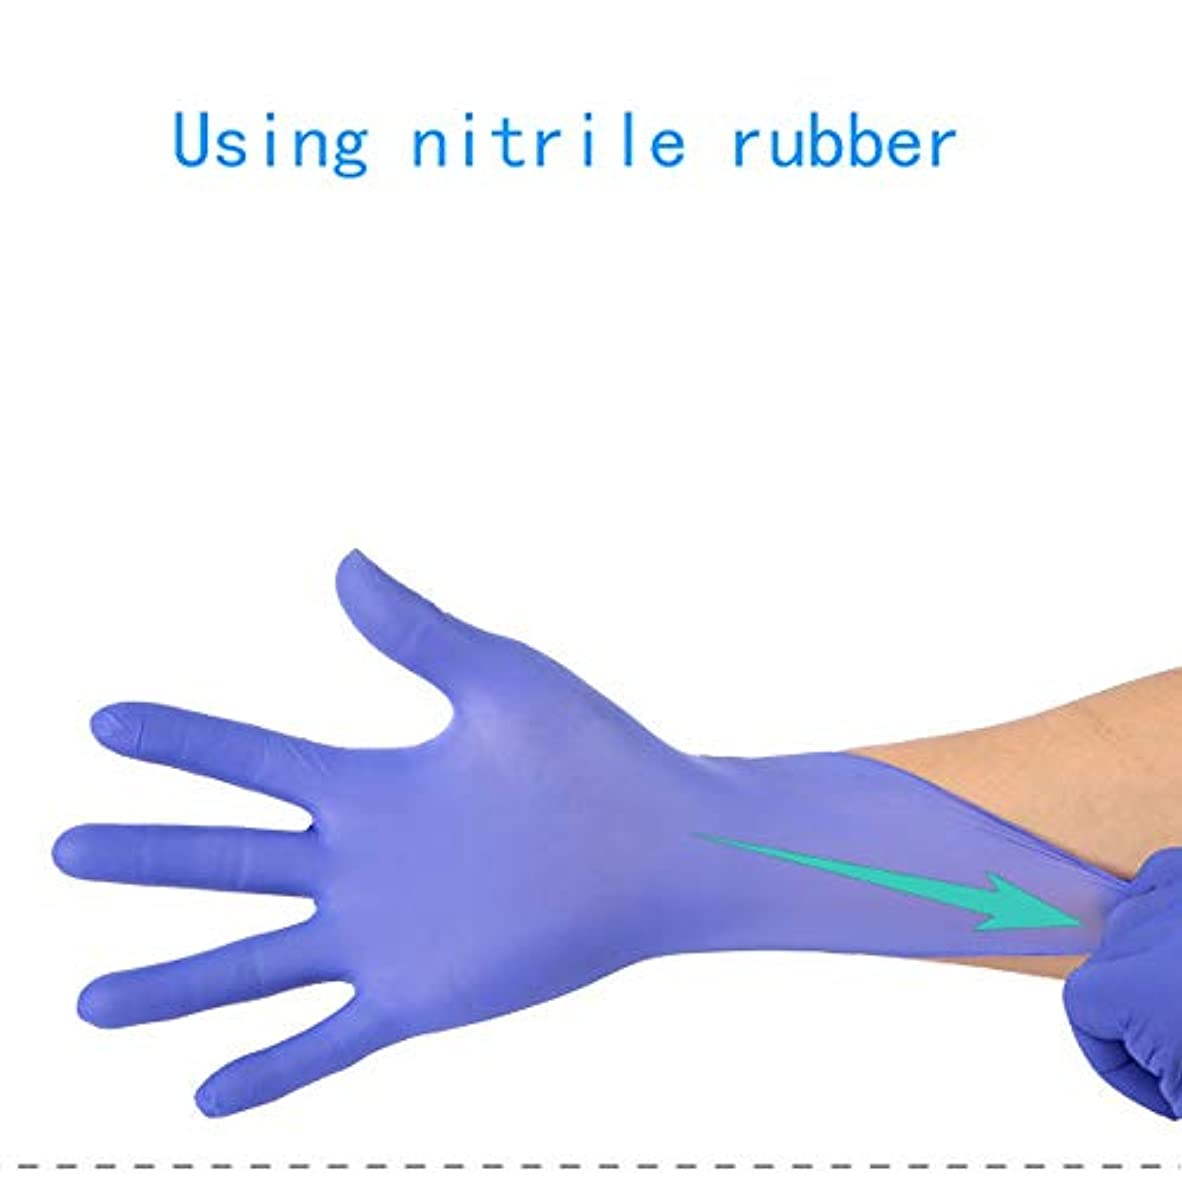 ピボット雹コンセンサスニトリル医療グレード試験用手袋、使い捨て、ラテックスフリー、100カウント、滅菌済み使い捨て安全手袋 (Color : Purple, Size : L)